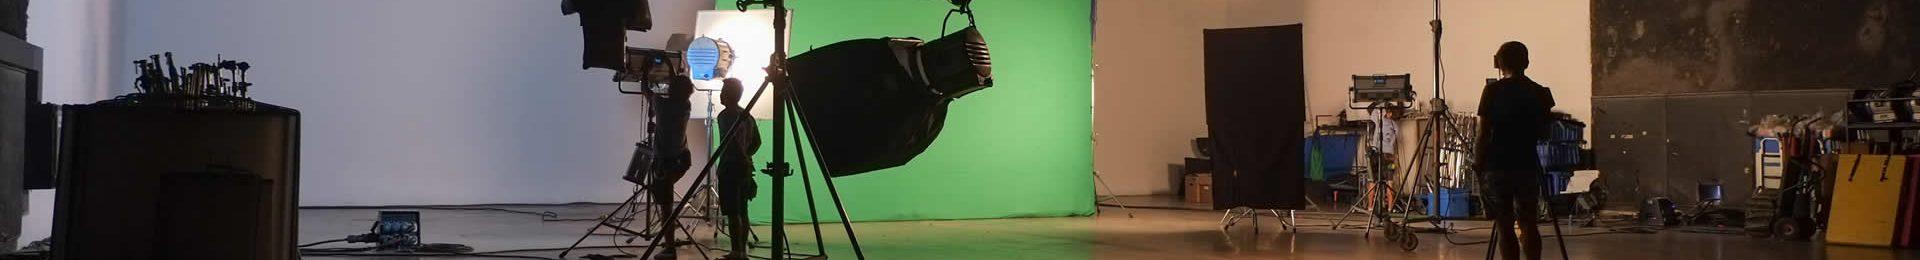 Open plan video studio